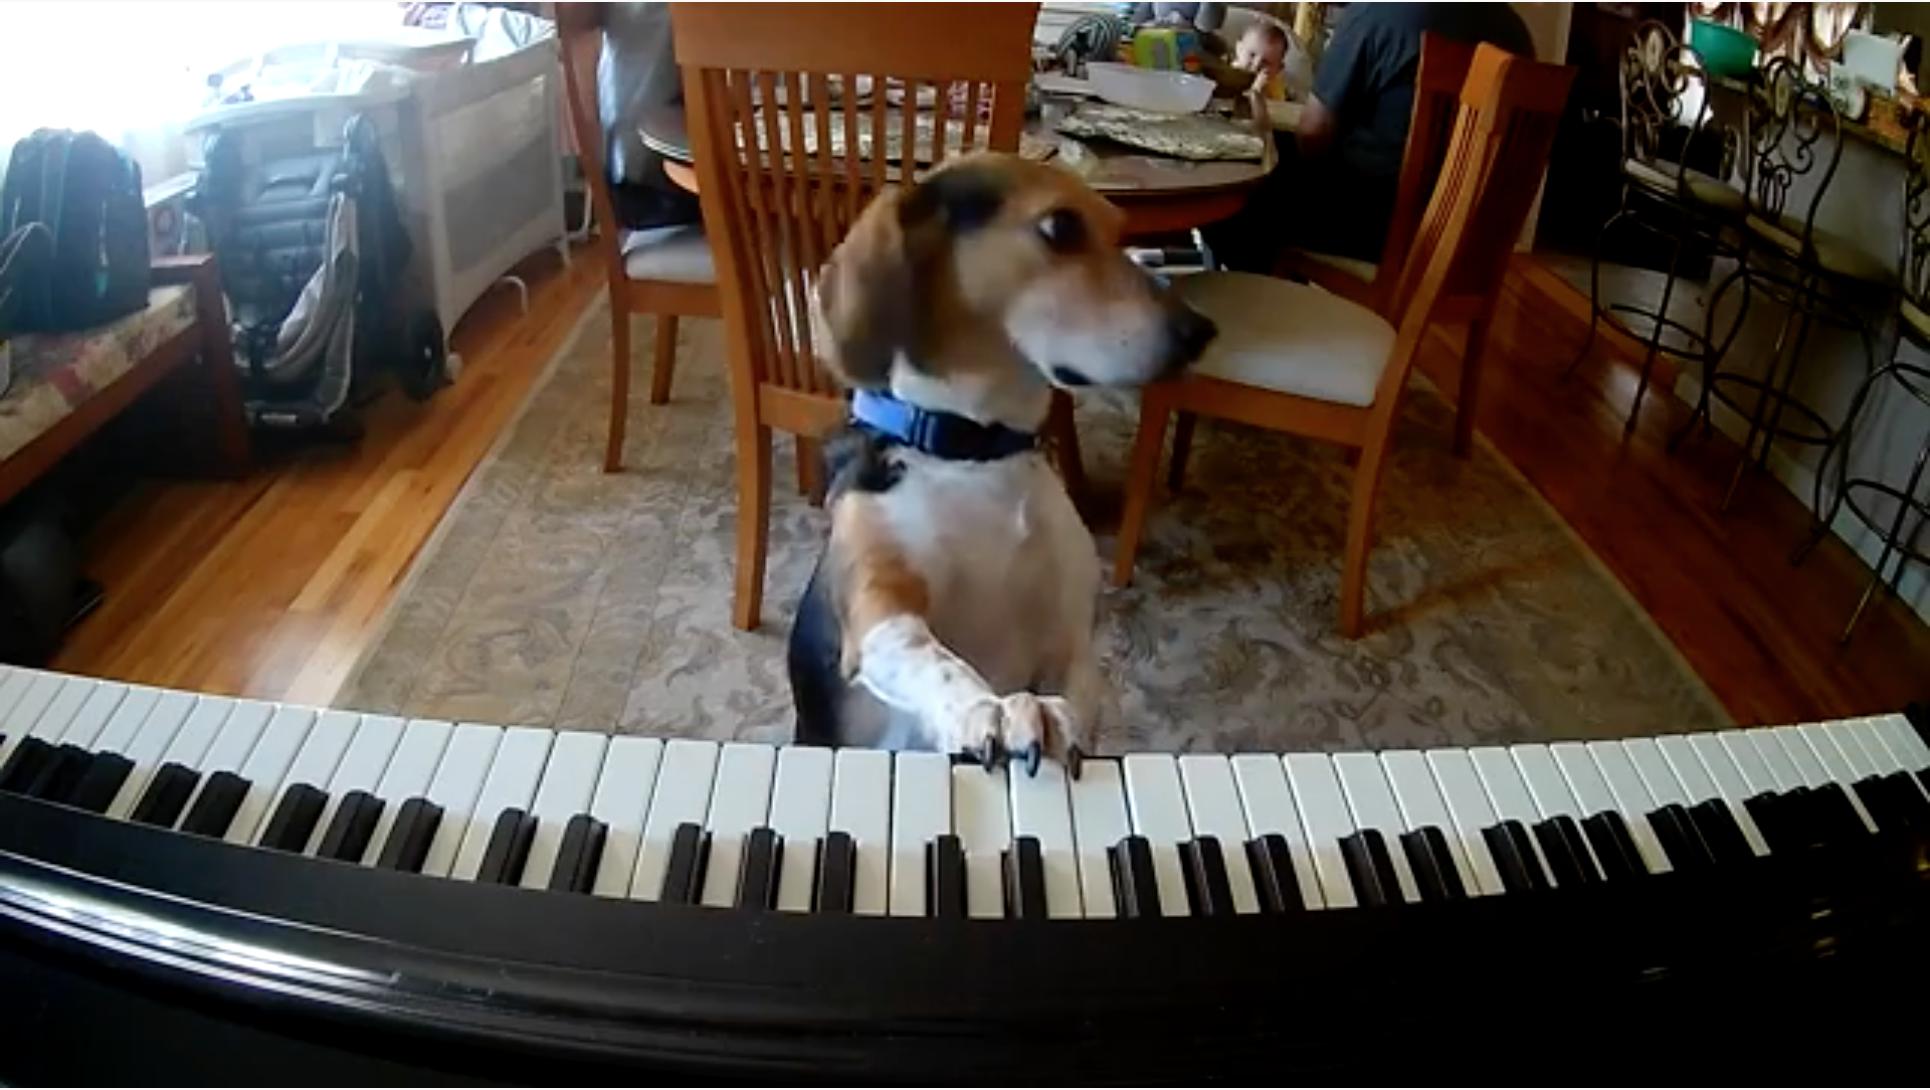 El video del perro artista: toca el piano y canta cuando se queda solo en la casa